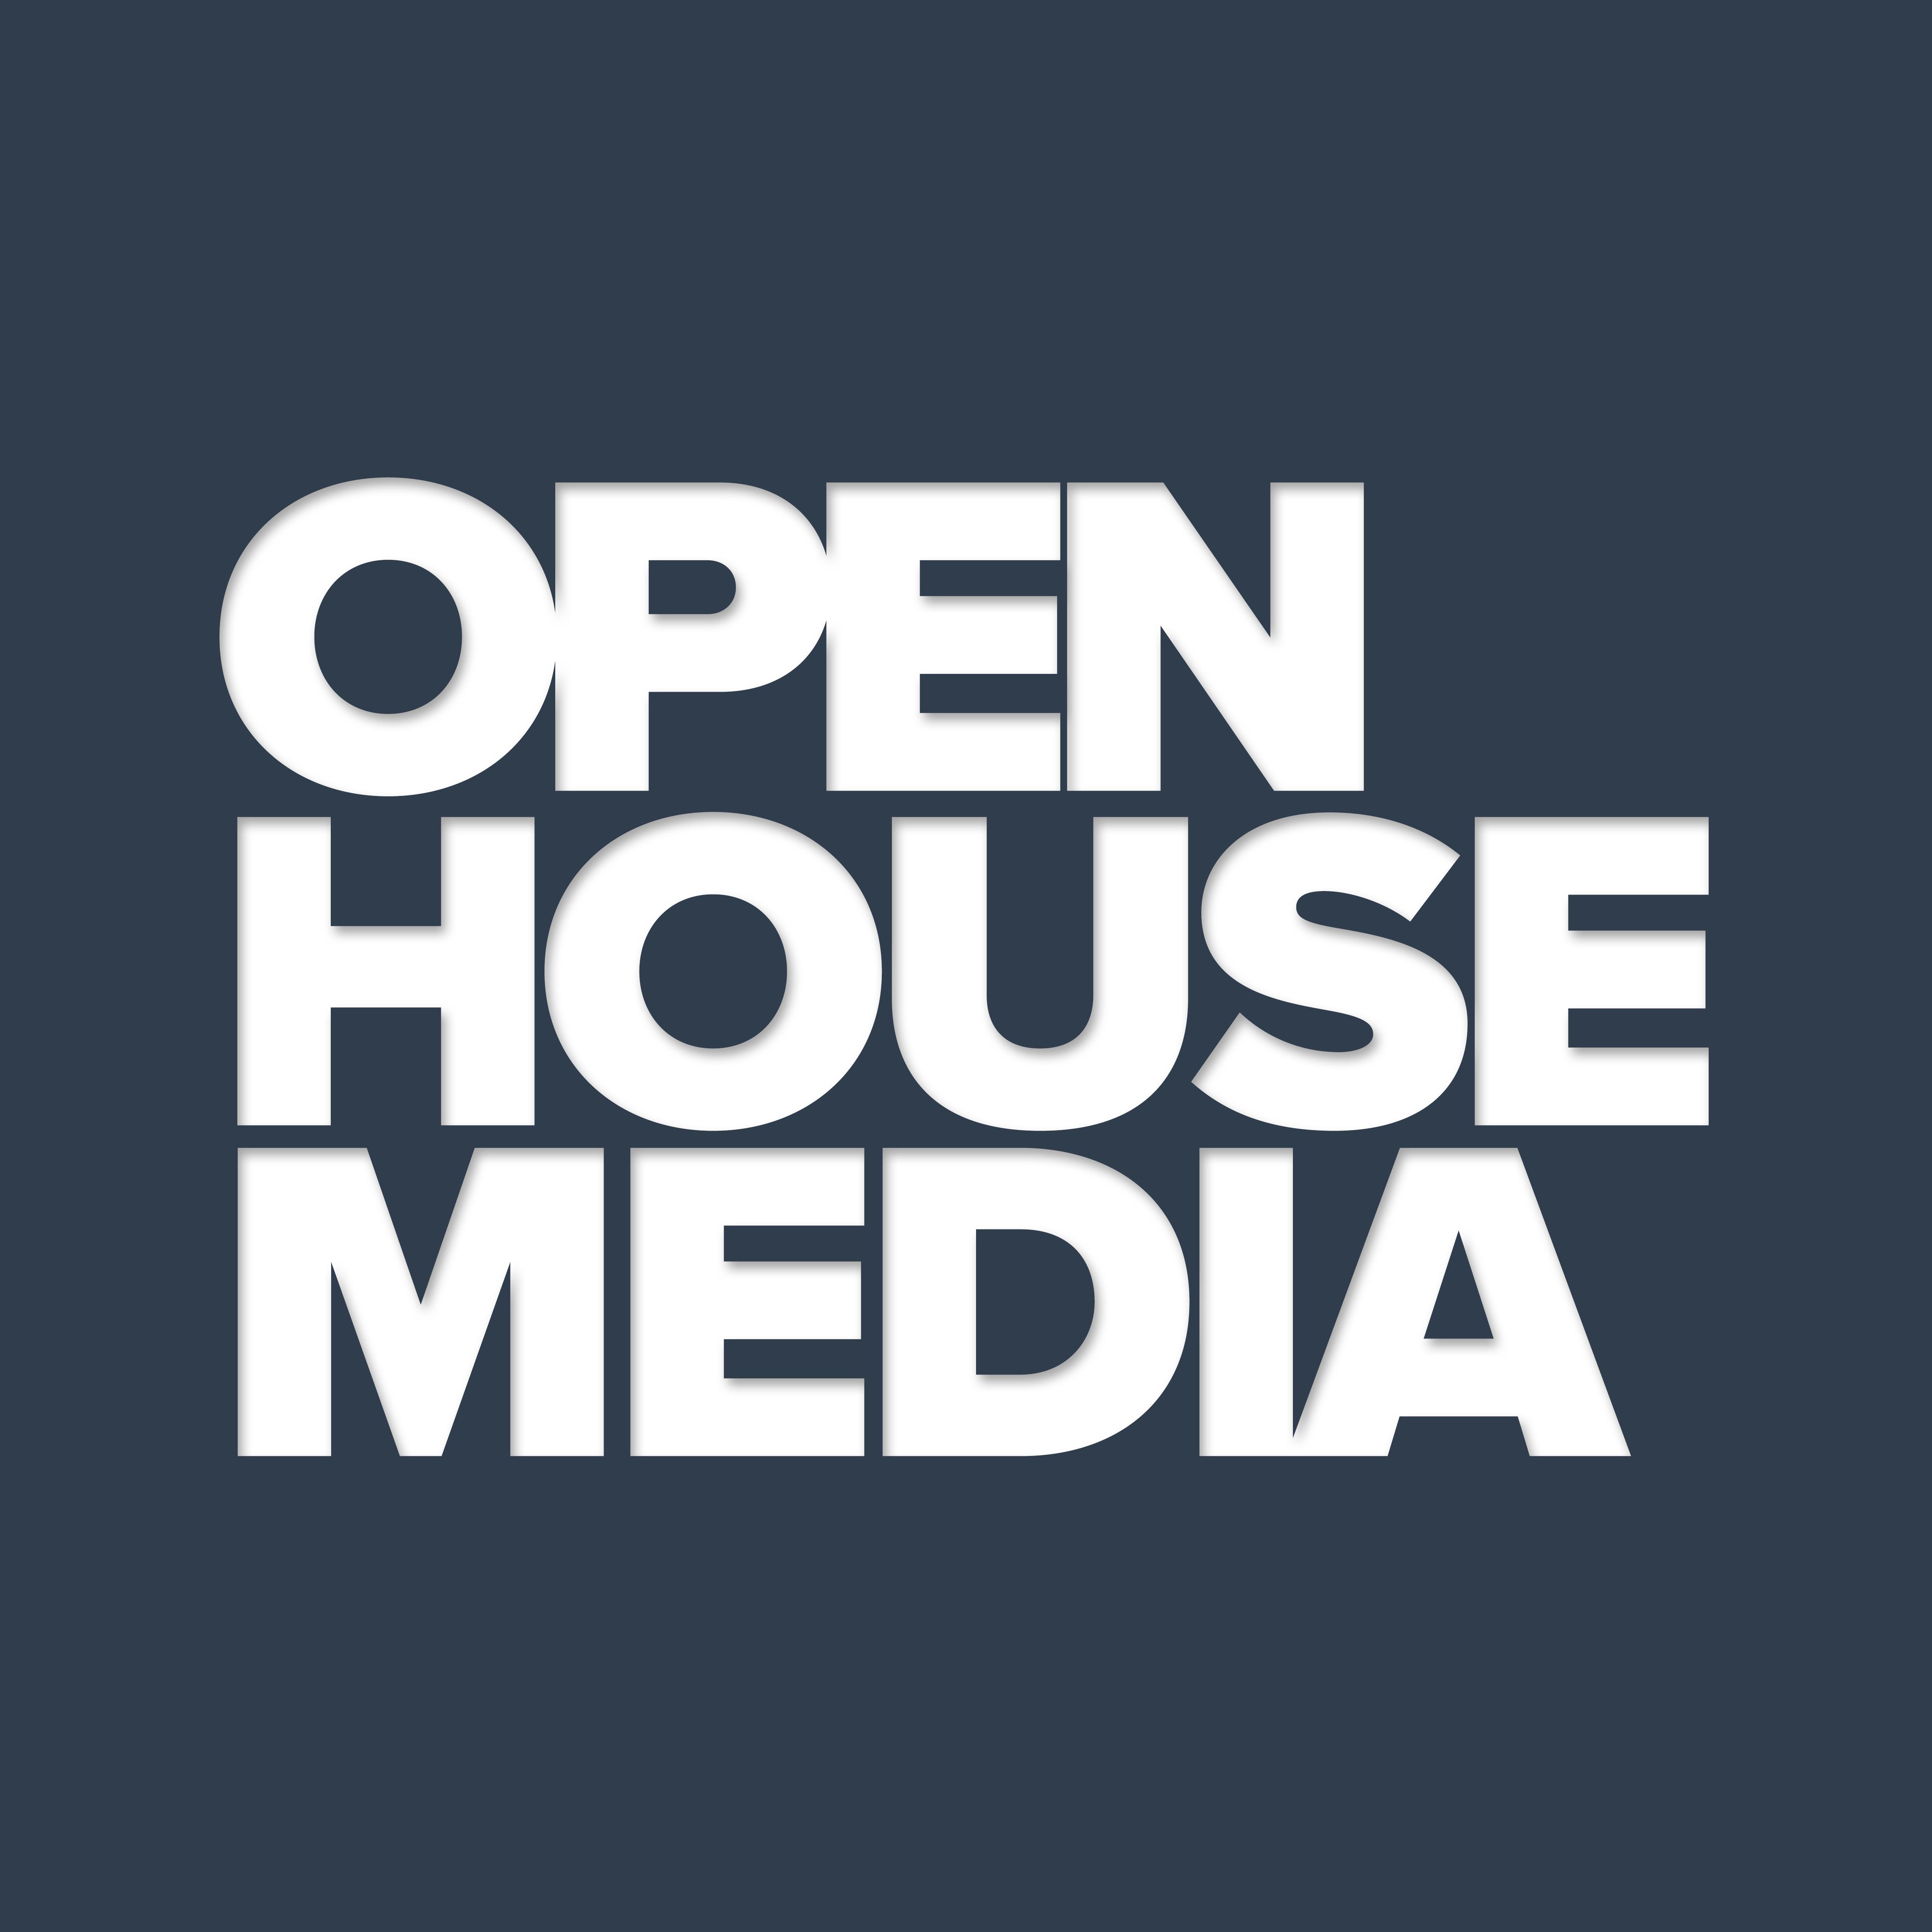 Open House Media